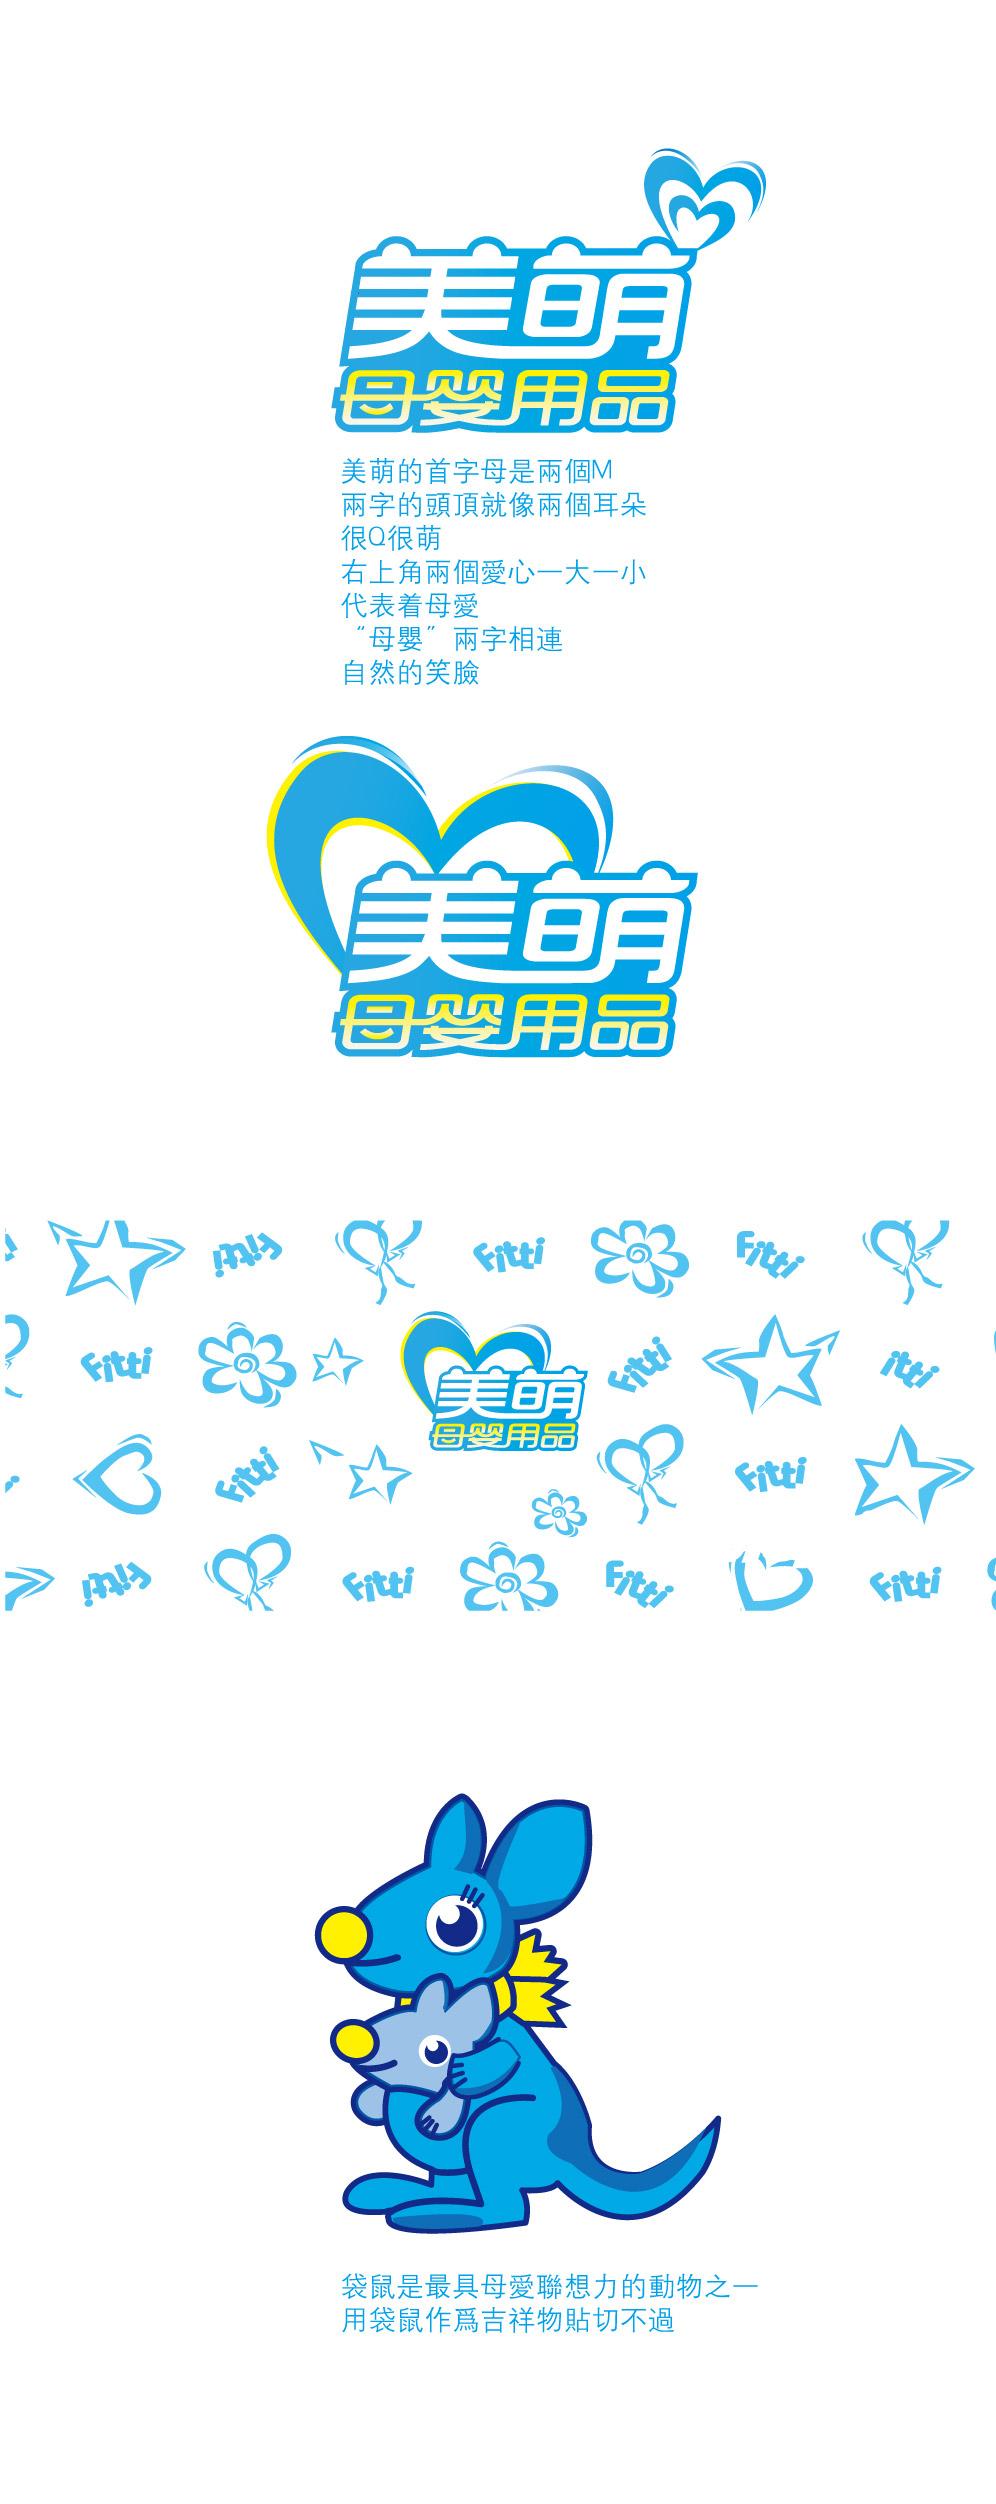 母婴店logo标识及卡通吉祥物设计